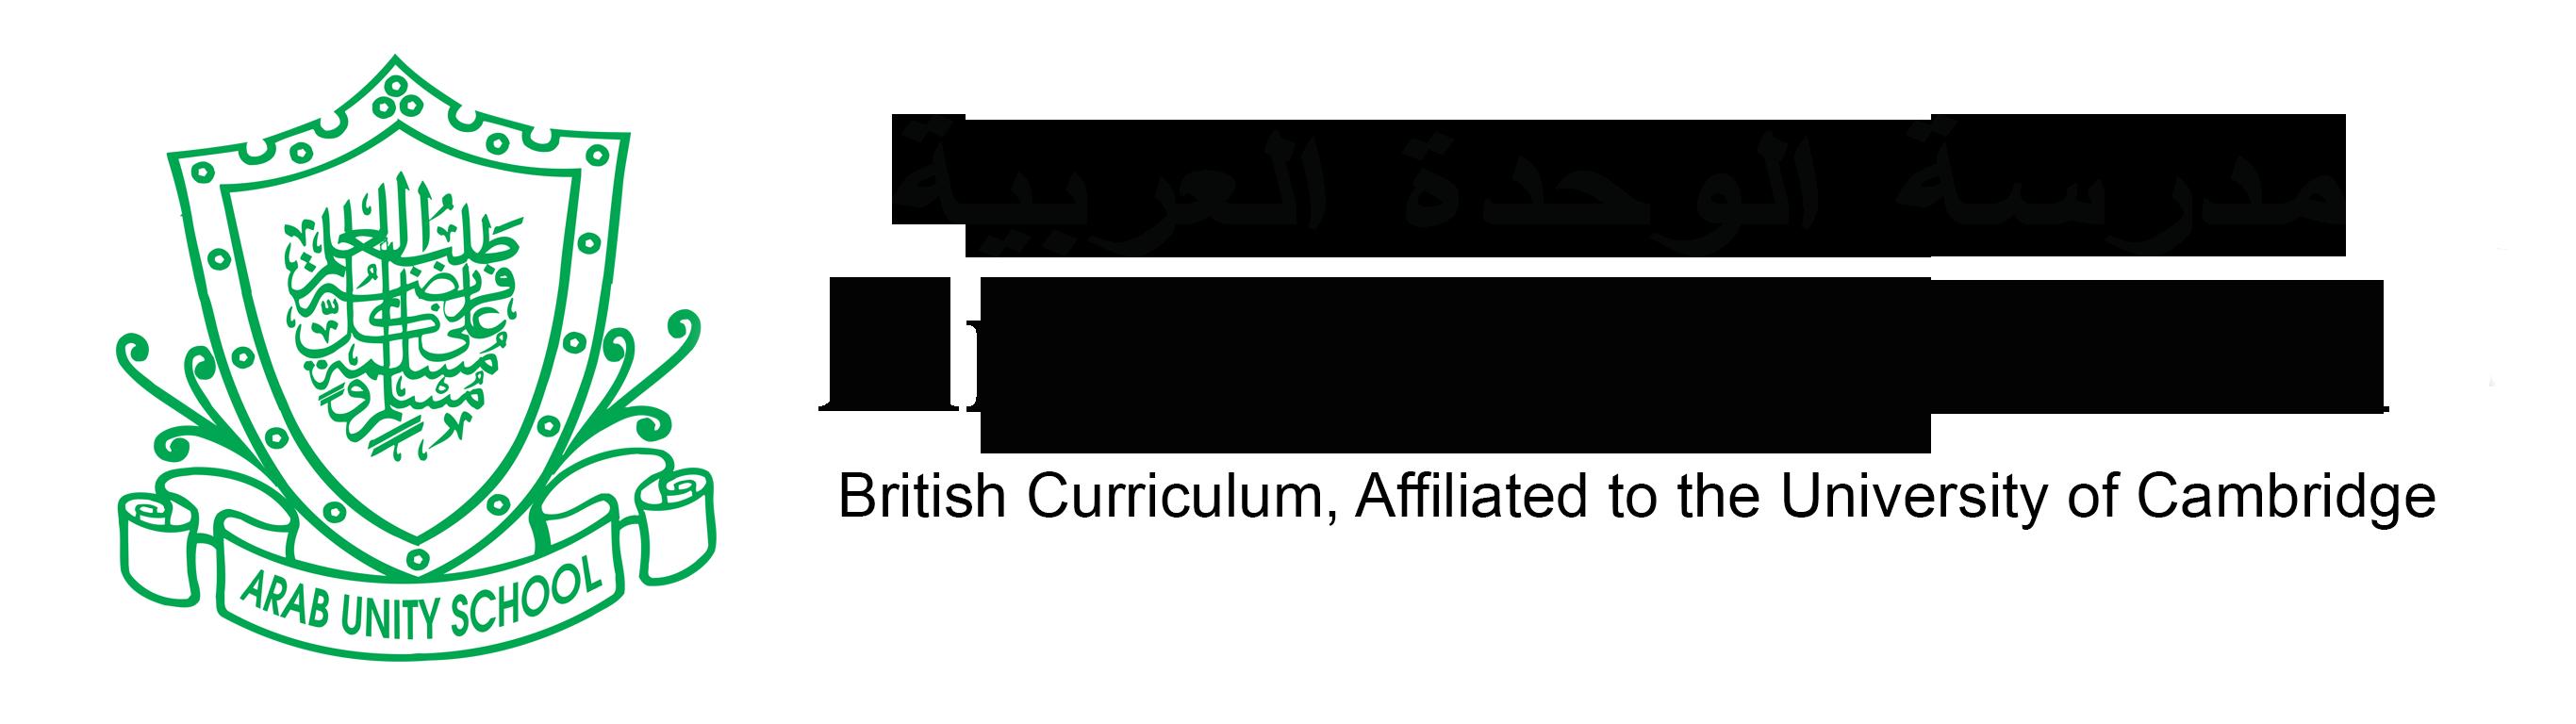 Arab Unity School